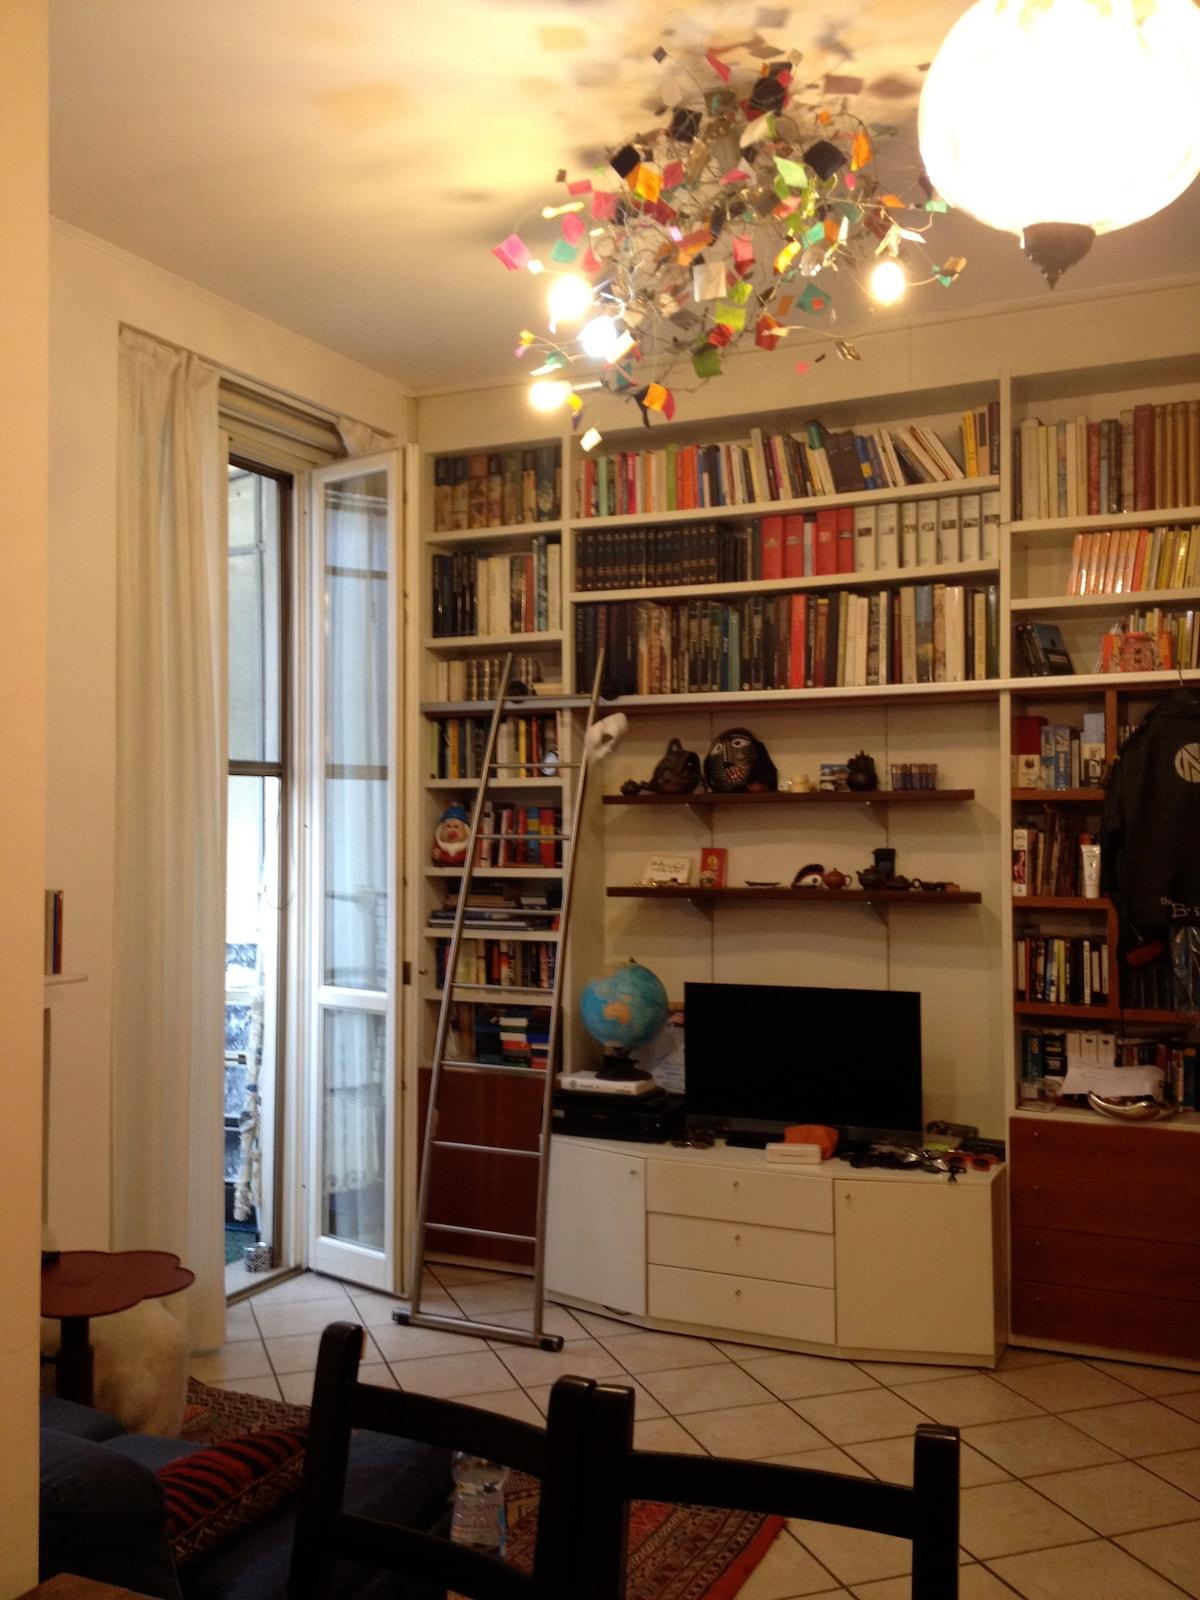 Libreria in soggiorno/The library in the livingroom